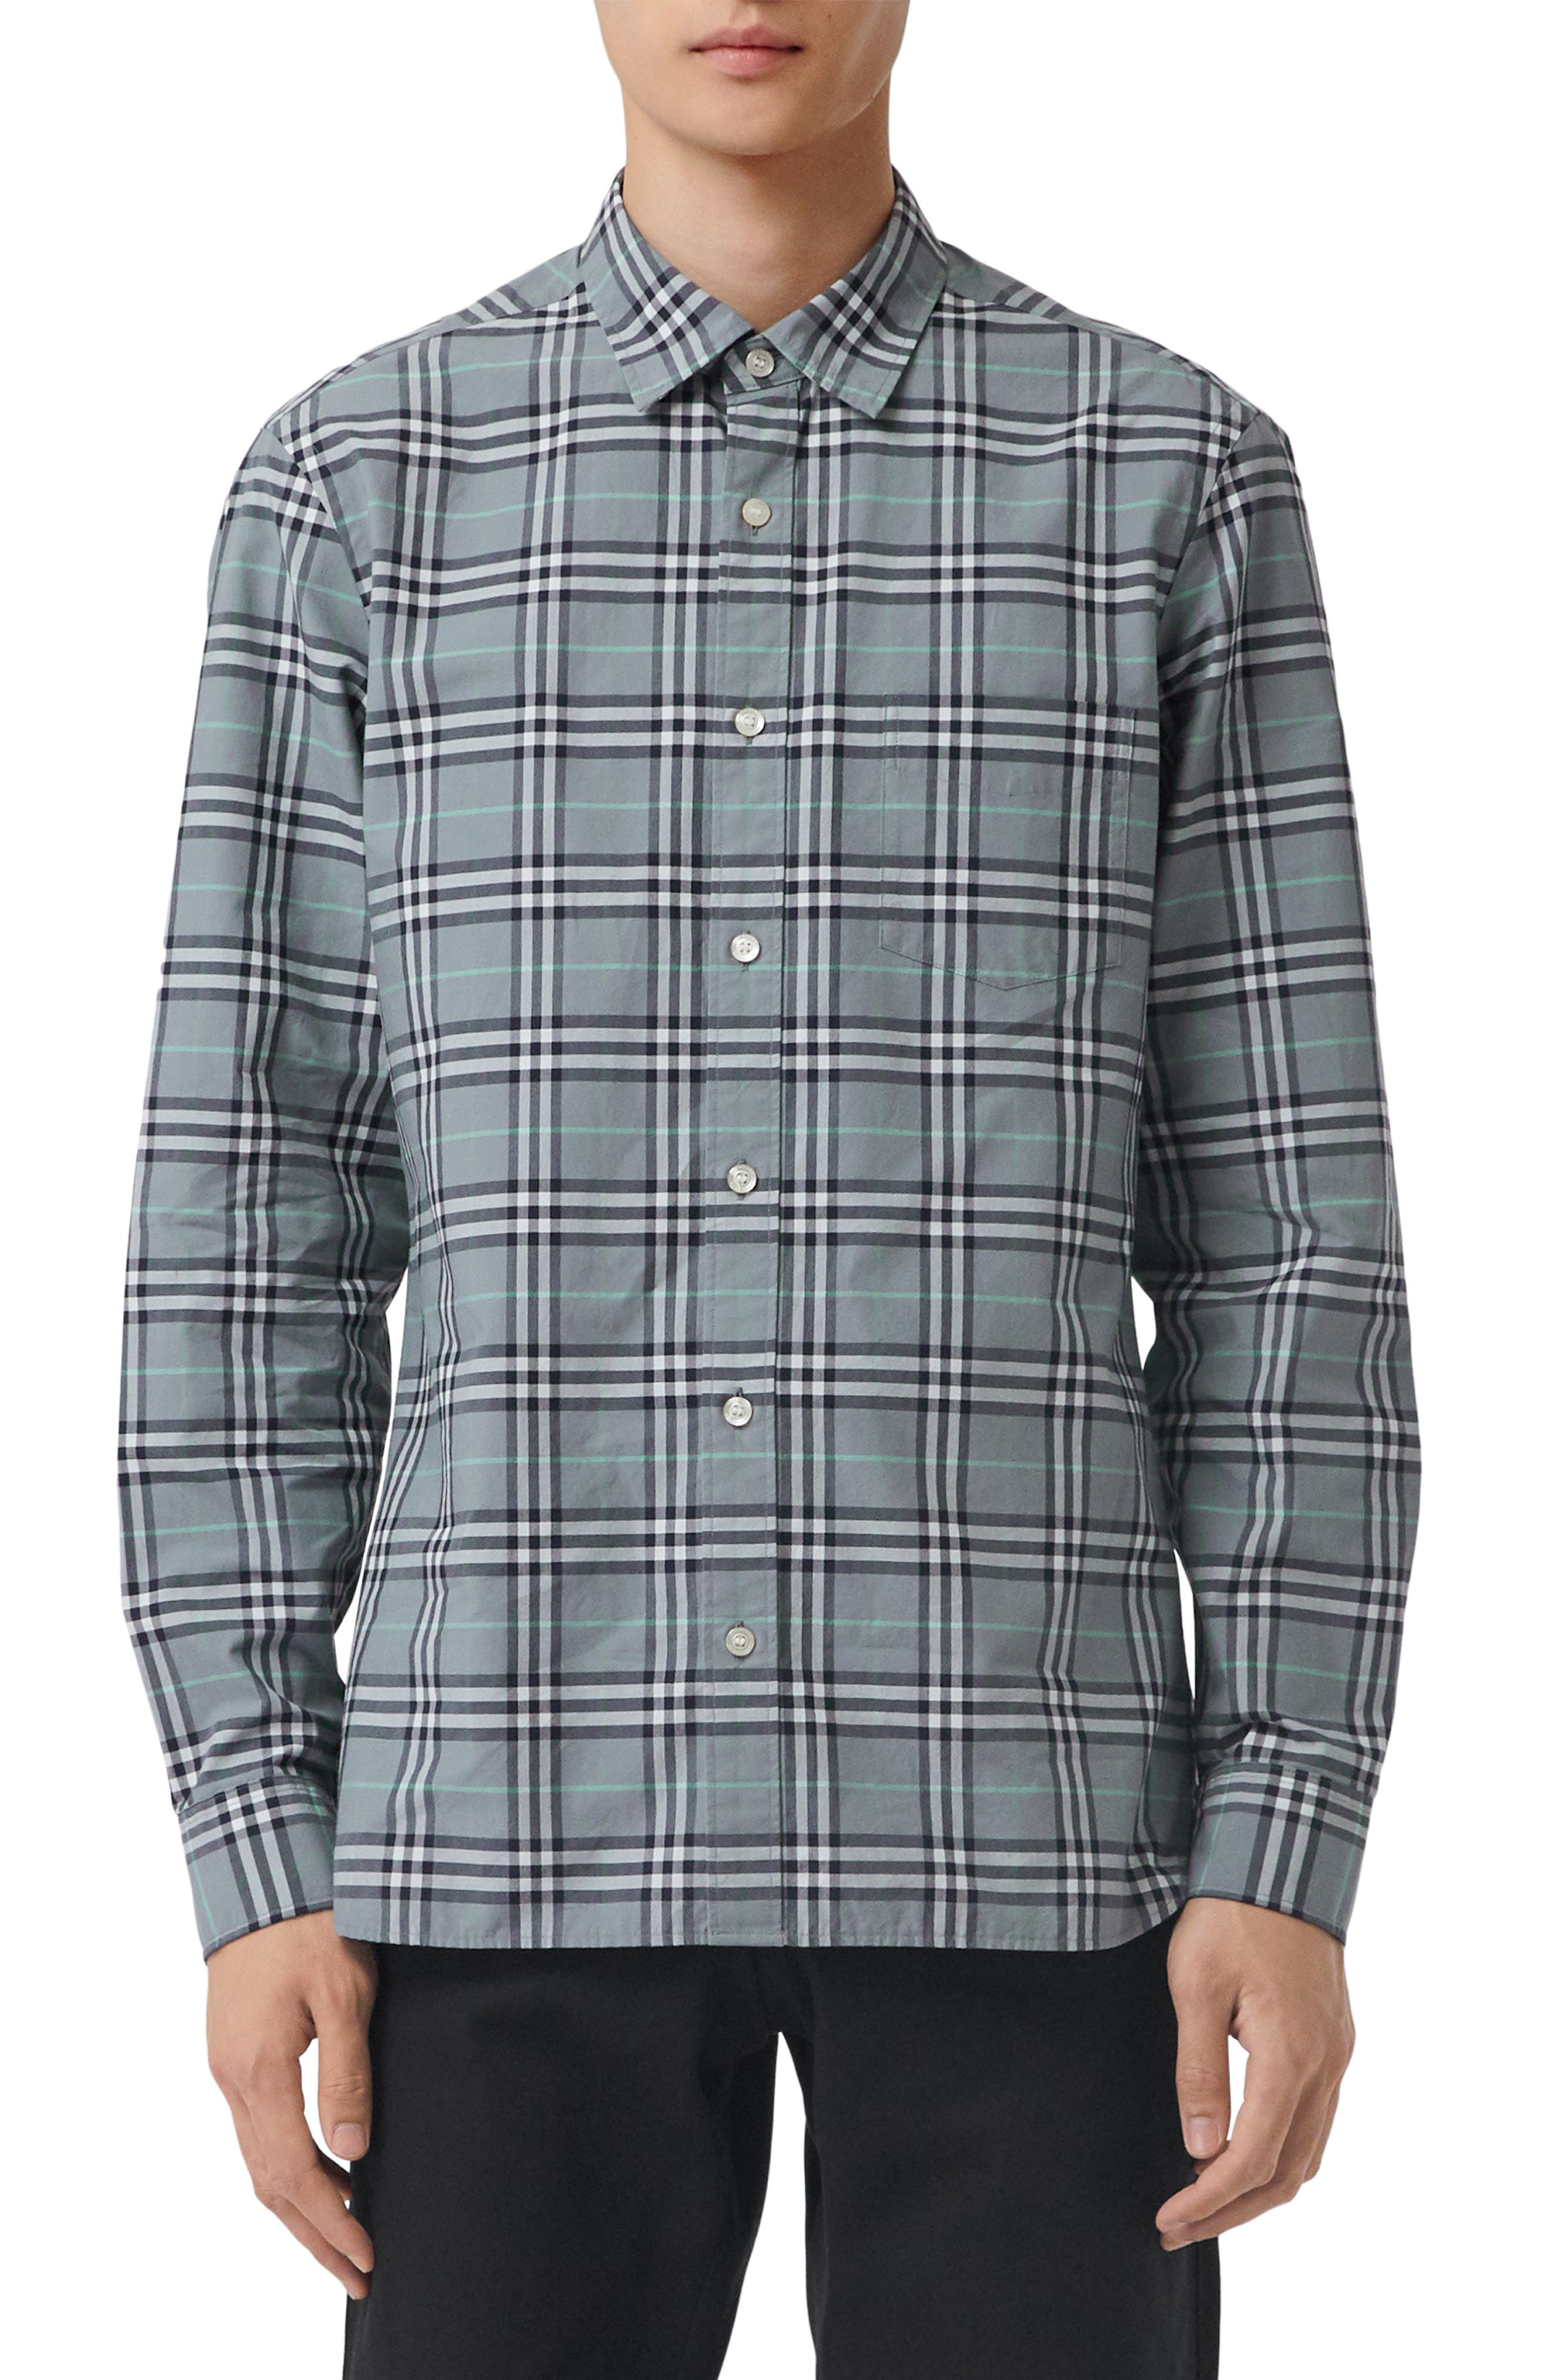 Alexander Check Sport Shirt,                             Main thumbnail 1, color,                             400